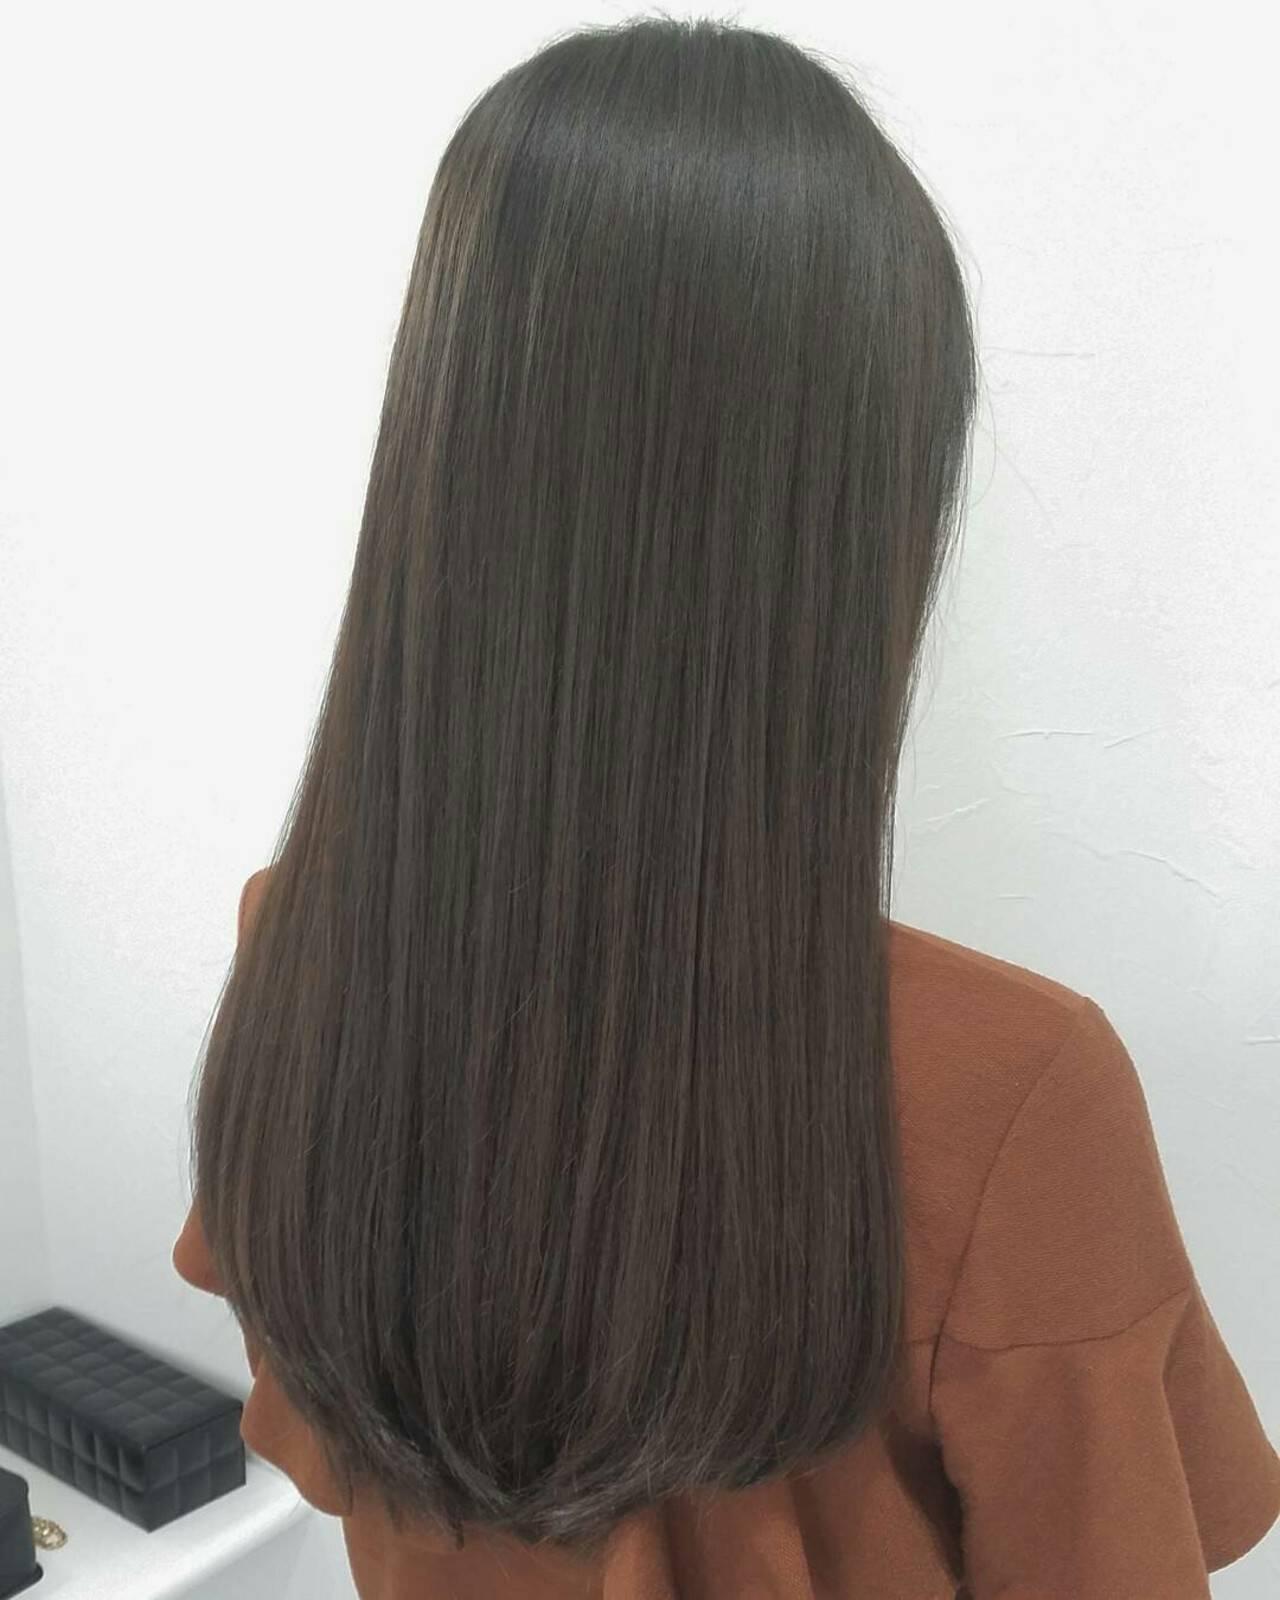 イルミナカラー アッシュ コンサバ 暗髪ヘアスタイルや髪型の写真・画像